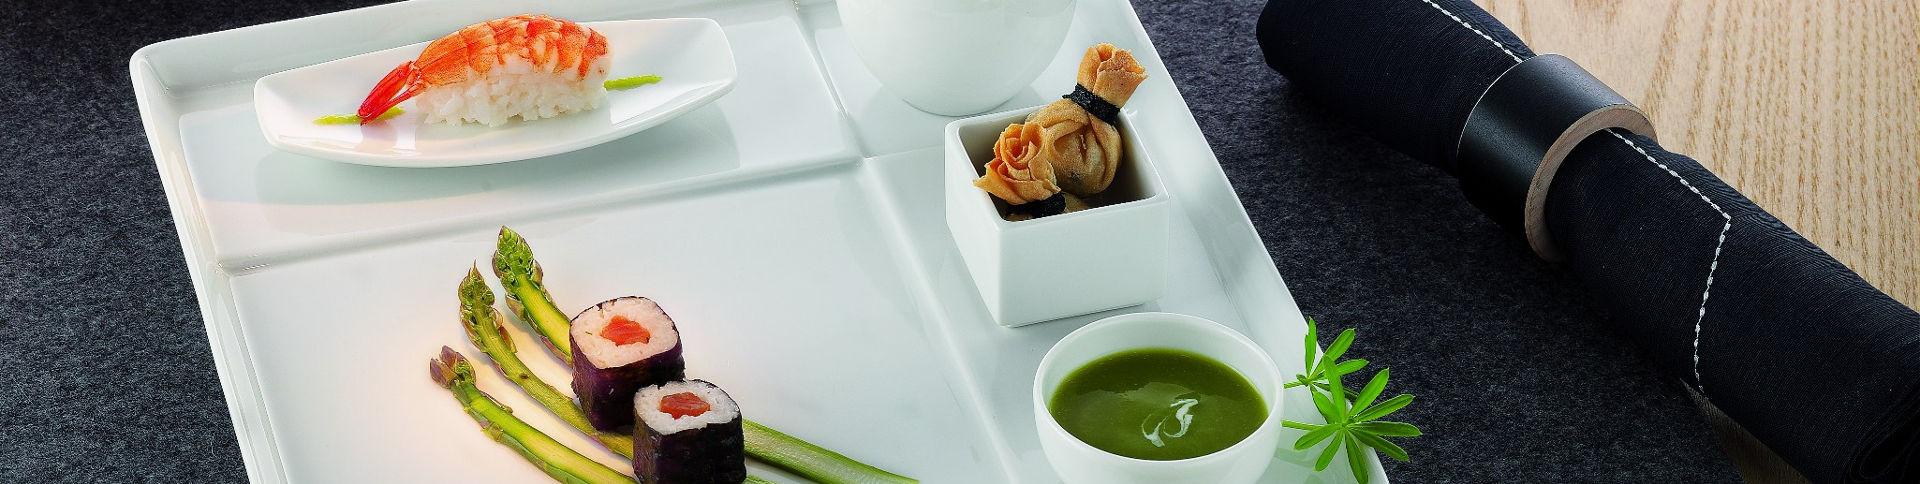 Hauptslider mit hübsch angerichtetem Sushi-Menü auf ästhetischem Prozellan